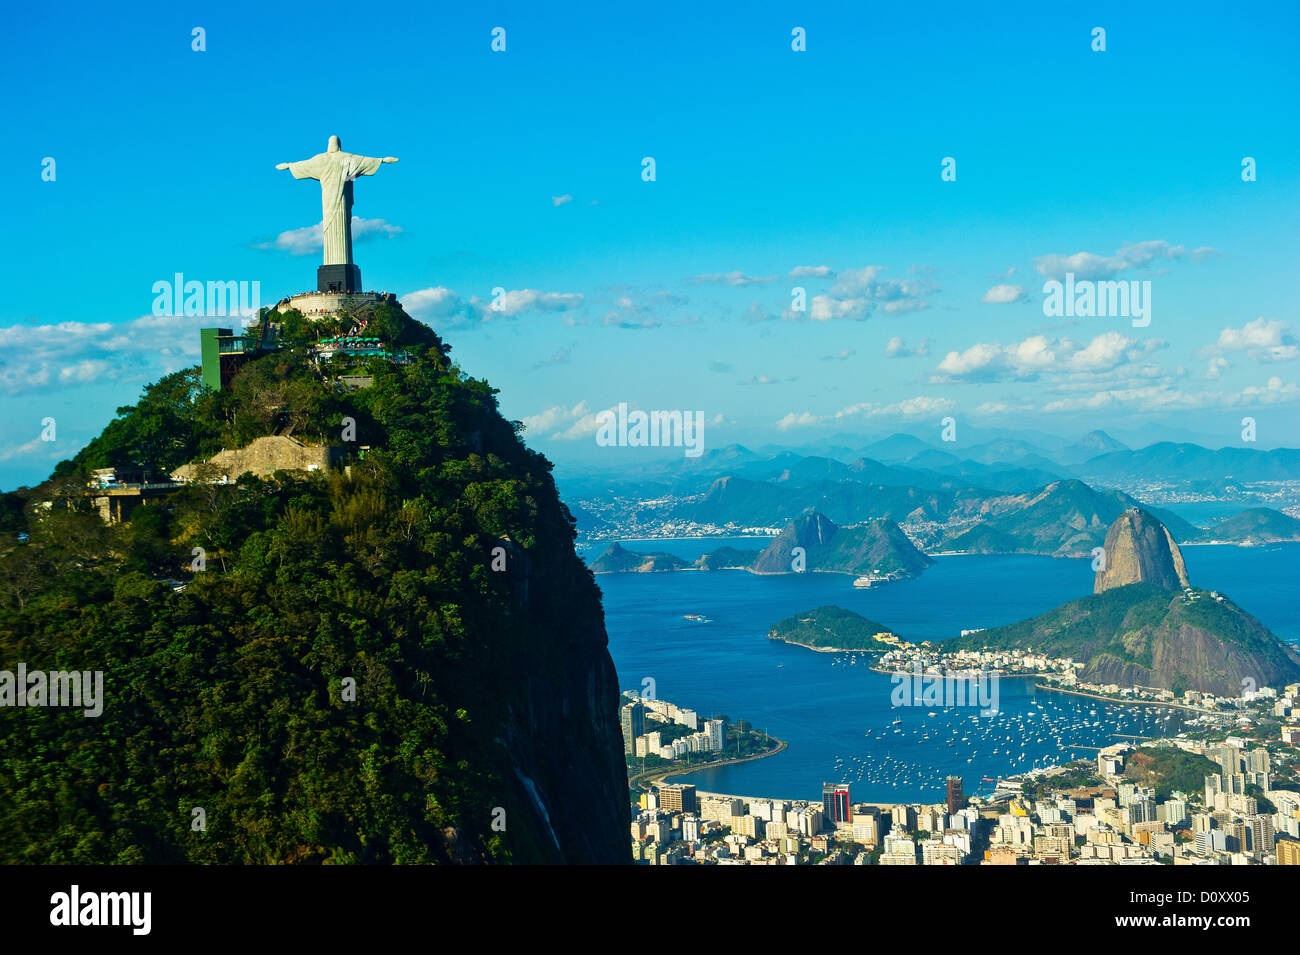 La estatua de Cristo Redentor con vistas a Río de Janeiro y Sugarloaf Mountain, Brasil Imagen De Stock